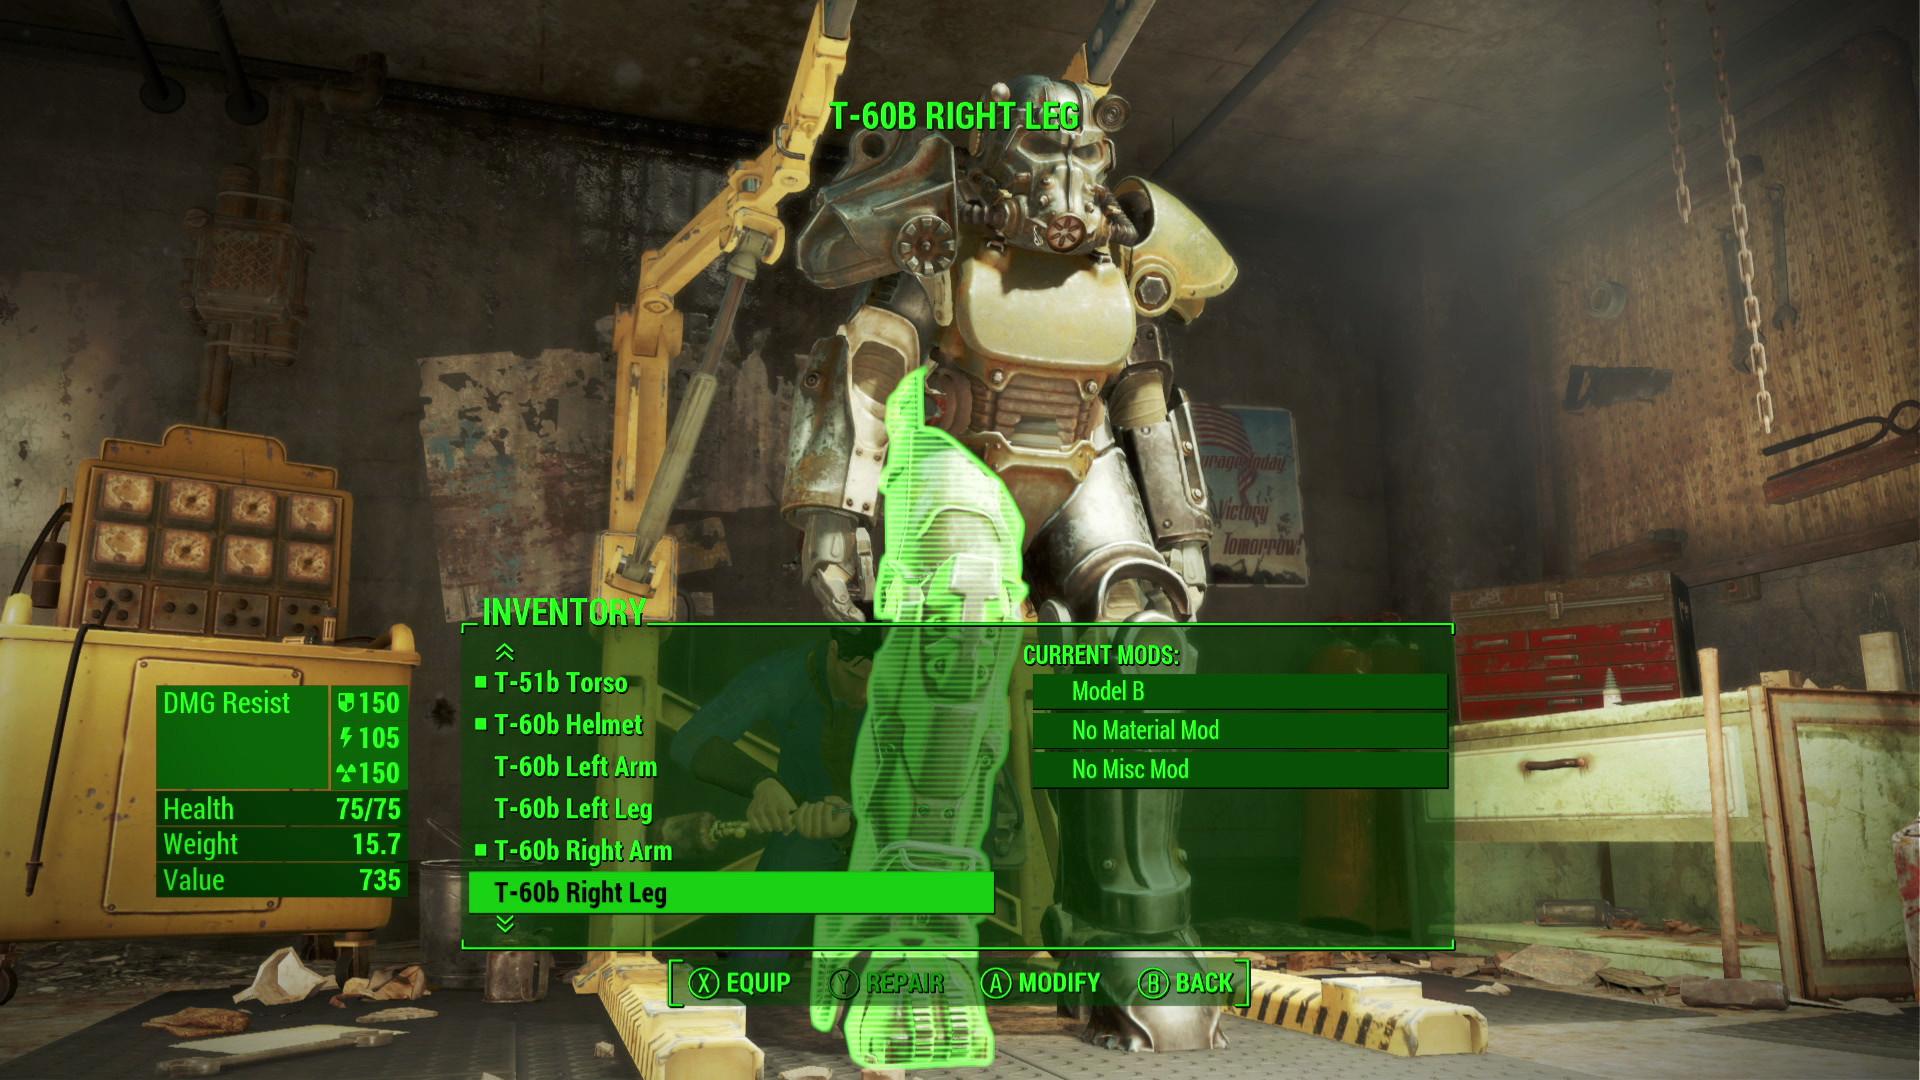 Fallout 4 เกมฟอร์มยักษ์ ระบบอลังการ แต่ถูกวิจารณ์แง่ลบ